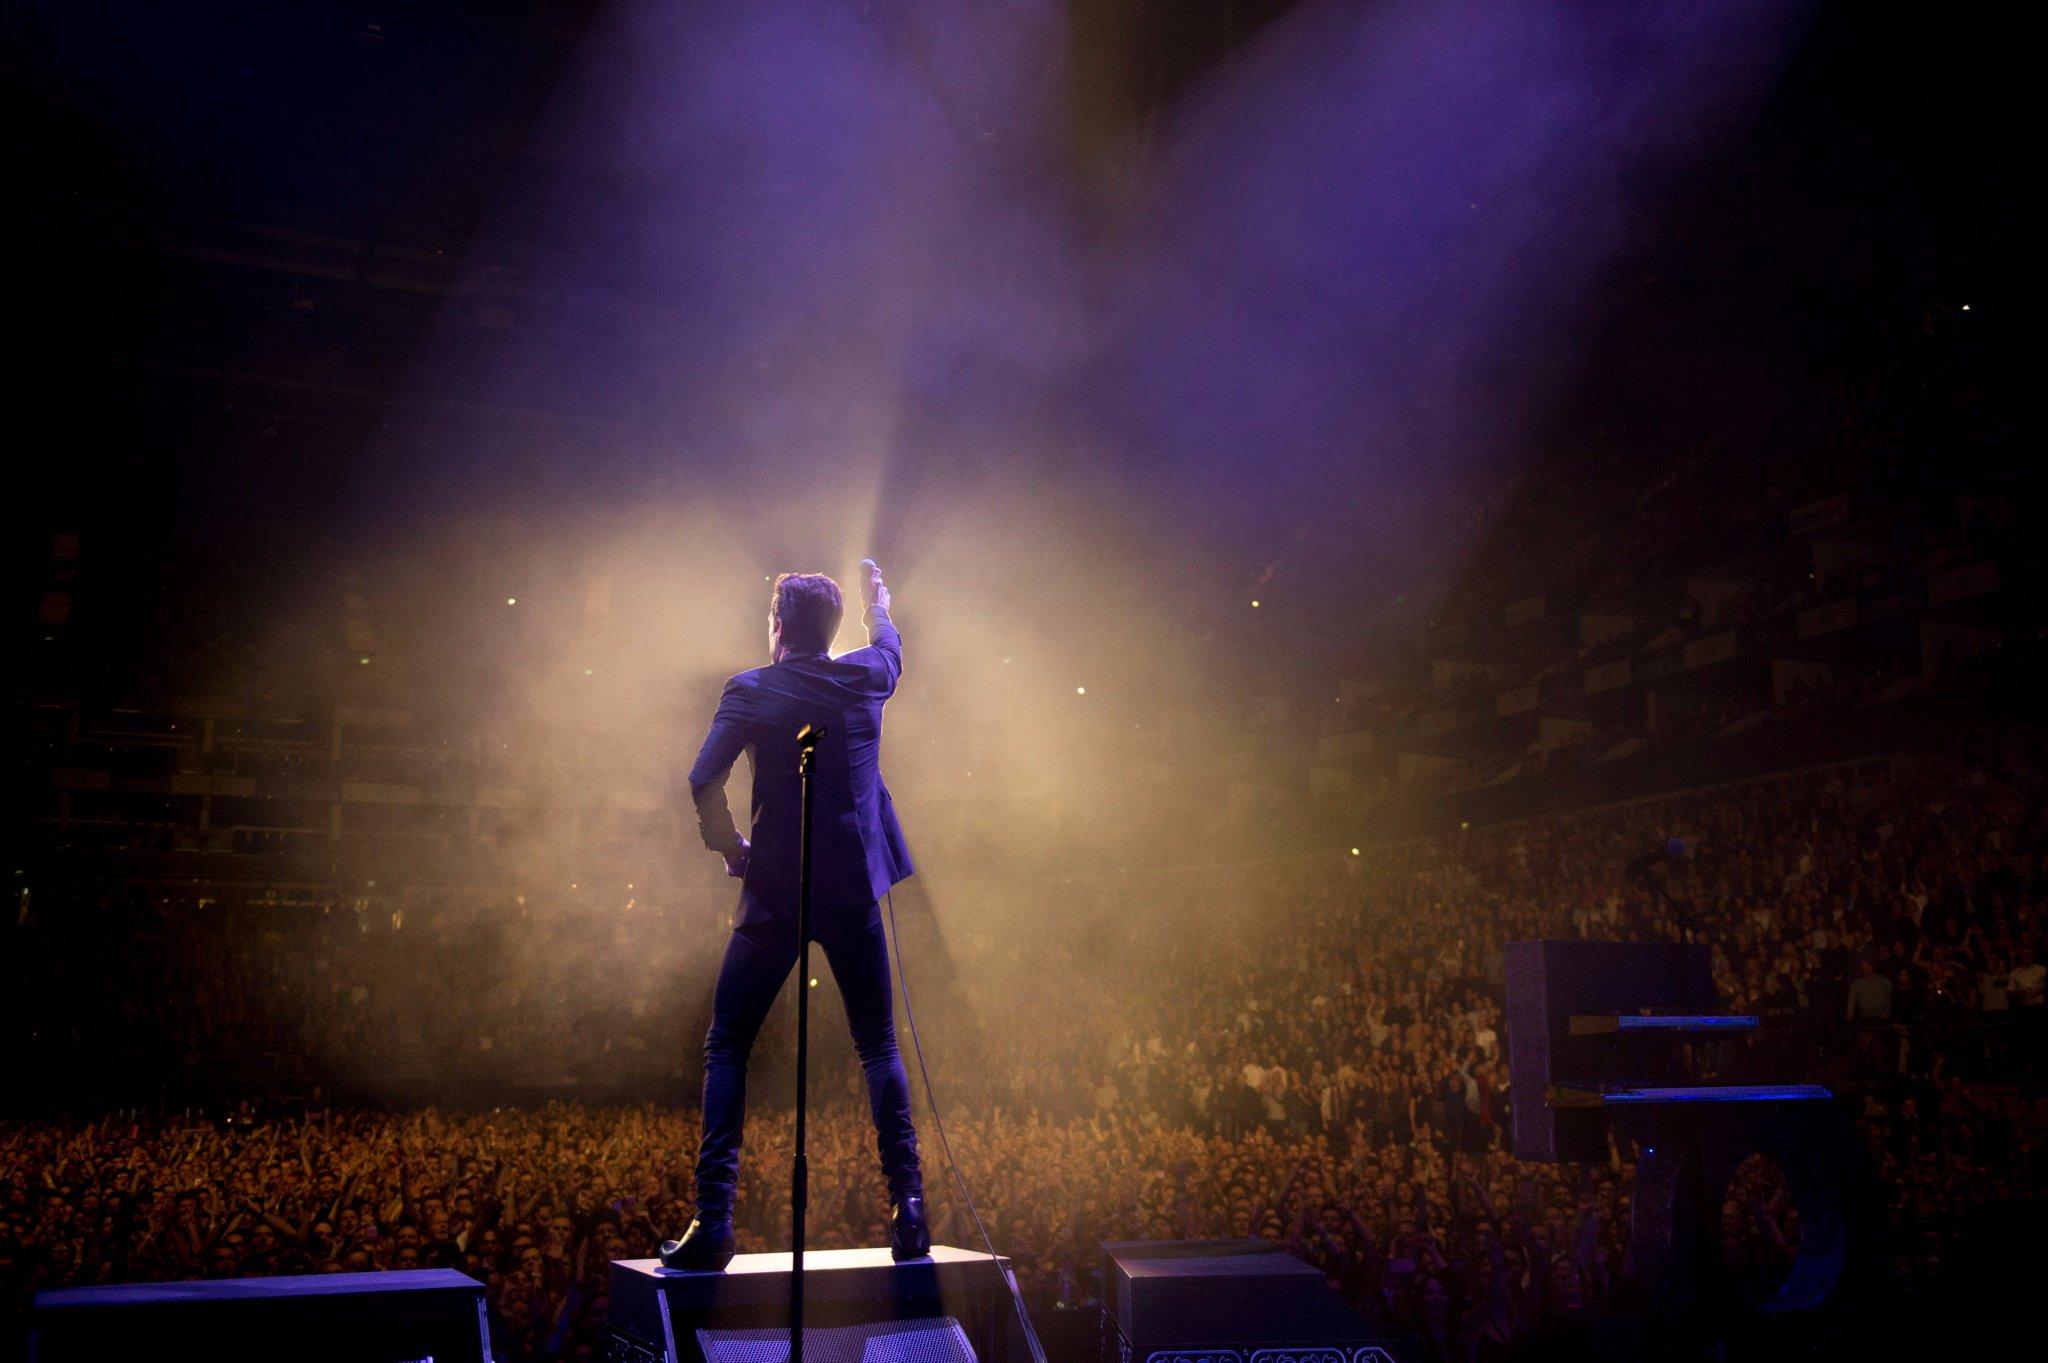 O2 Arena, London, UK https://t.co/cuNsZtGDQI